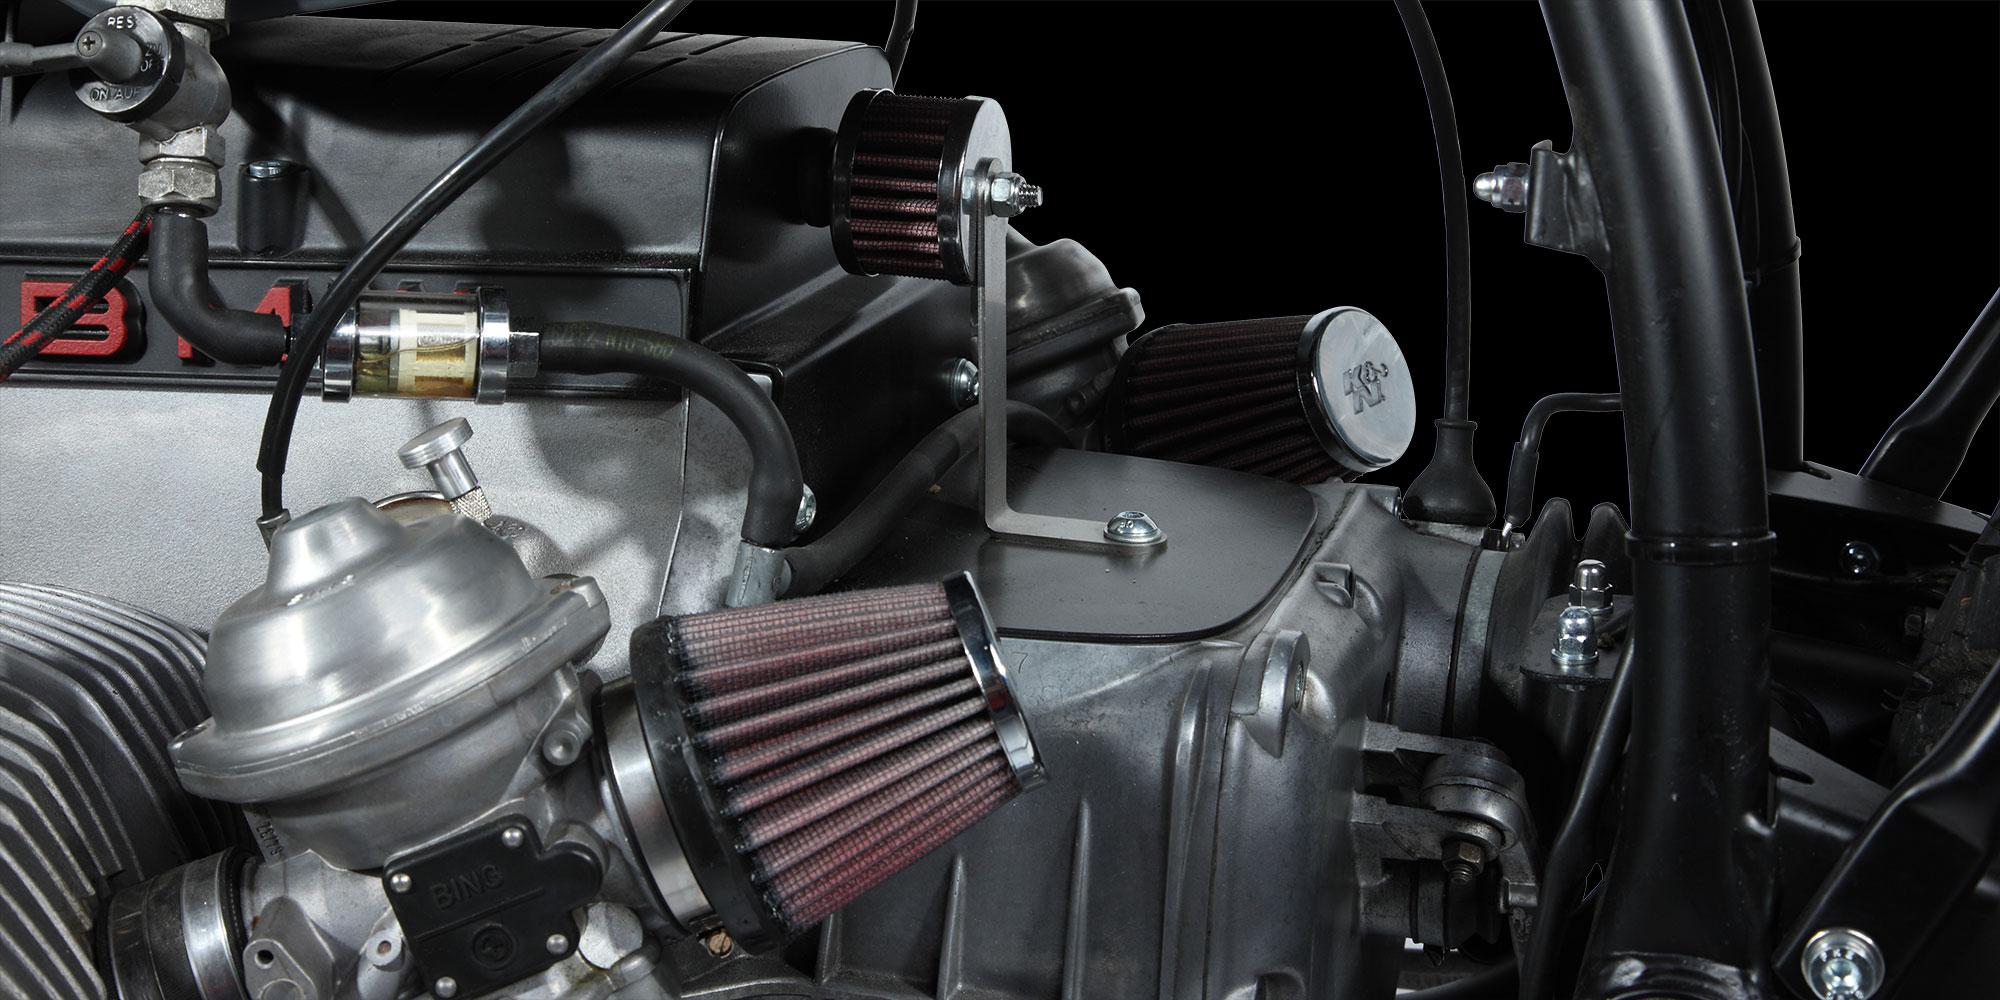 BMW R65 Abarth